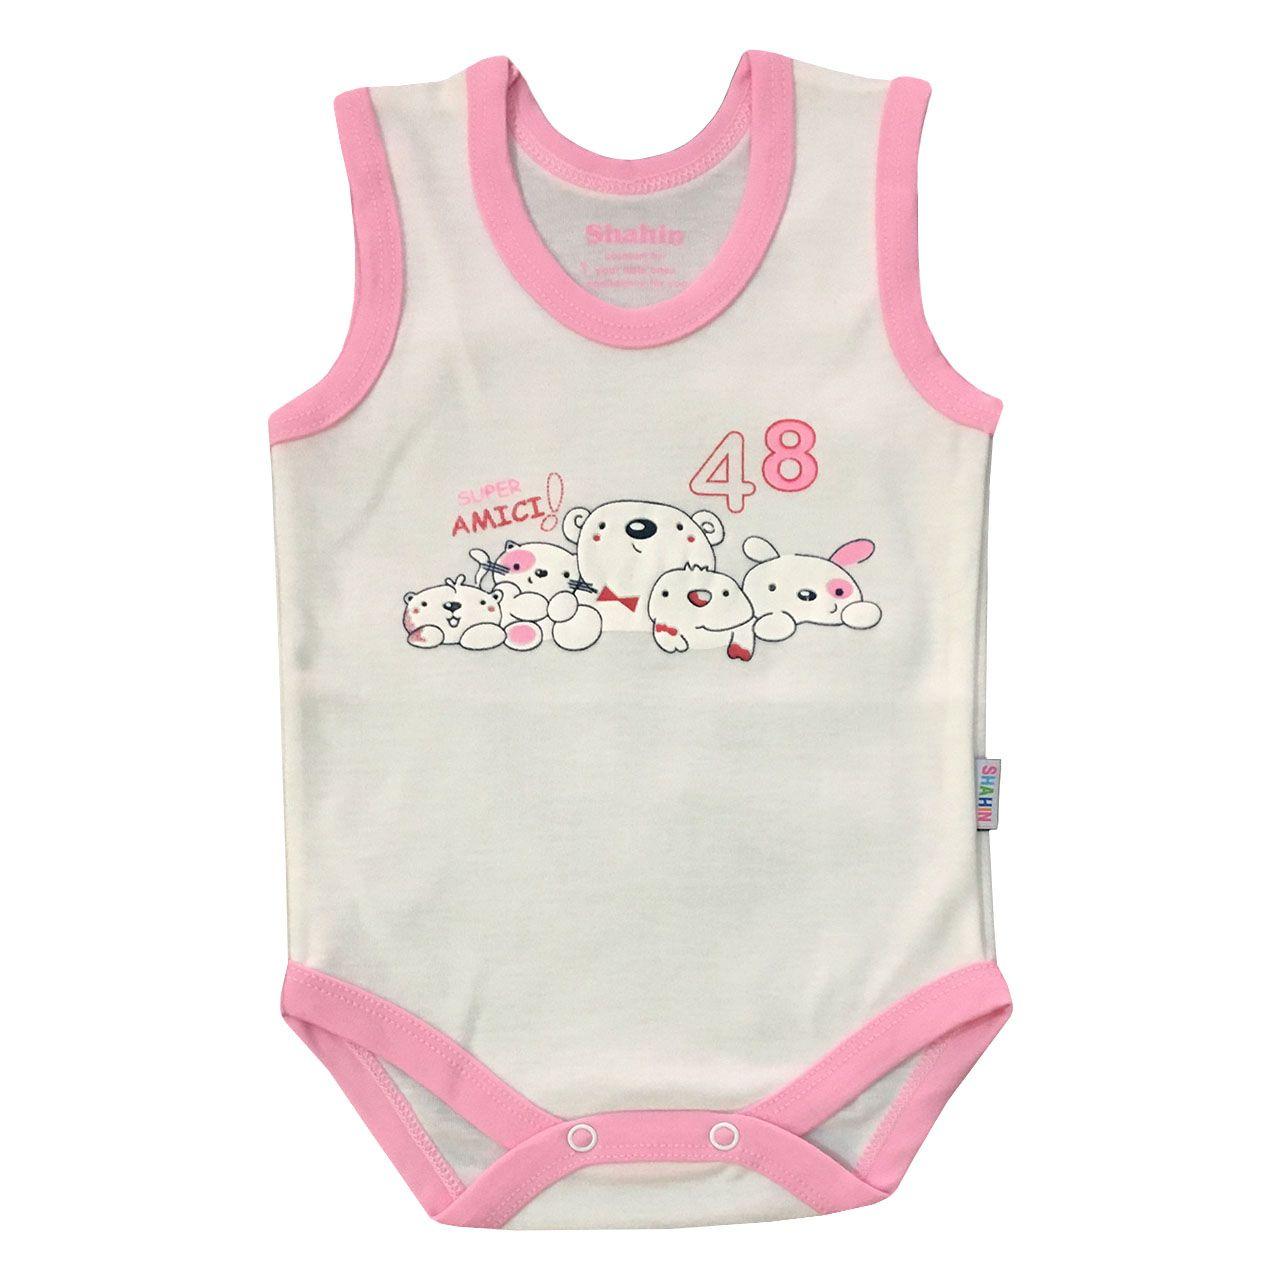 ست 3 تکه لباس نوزادی دخترانه شاهین طرح امیکی کد R -  - 4